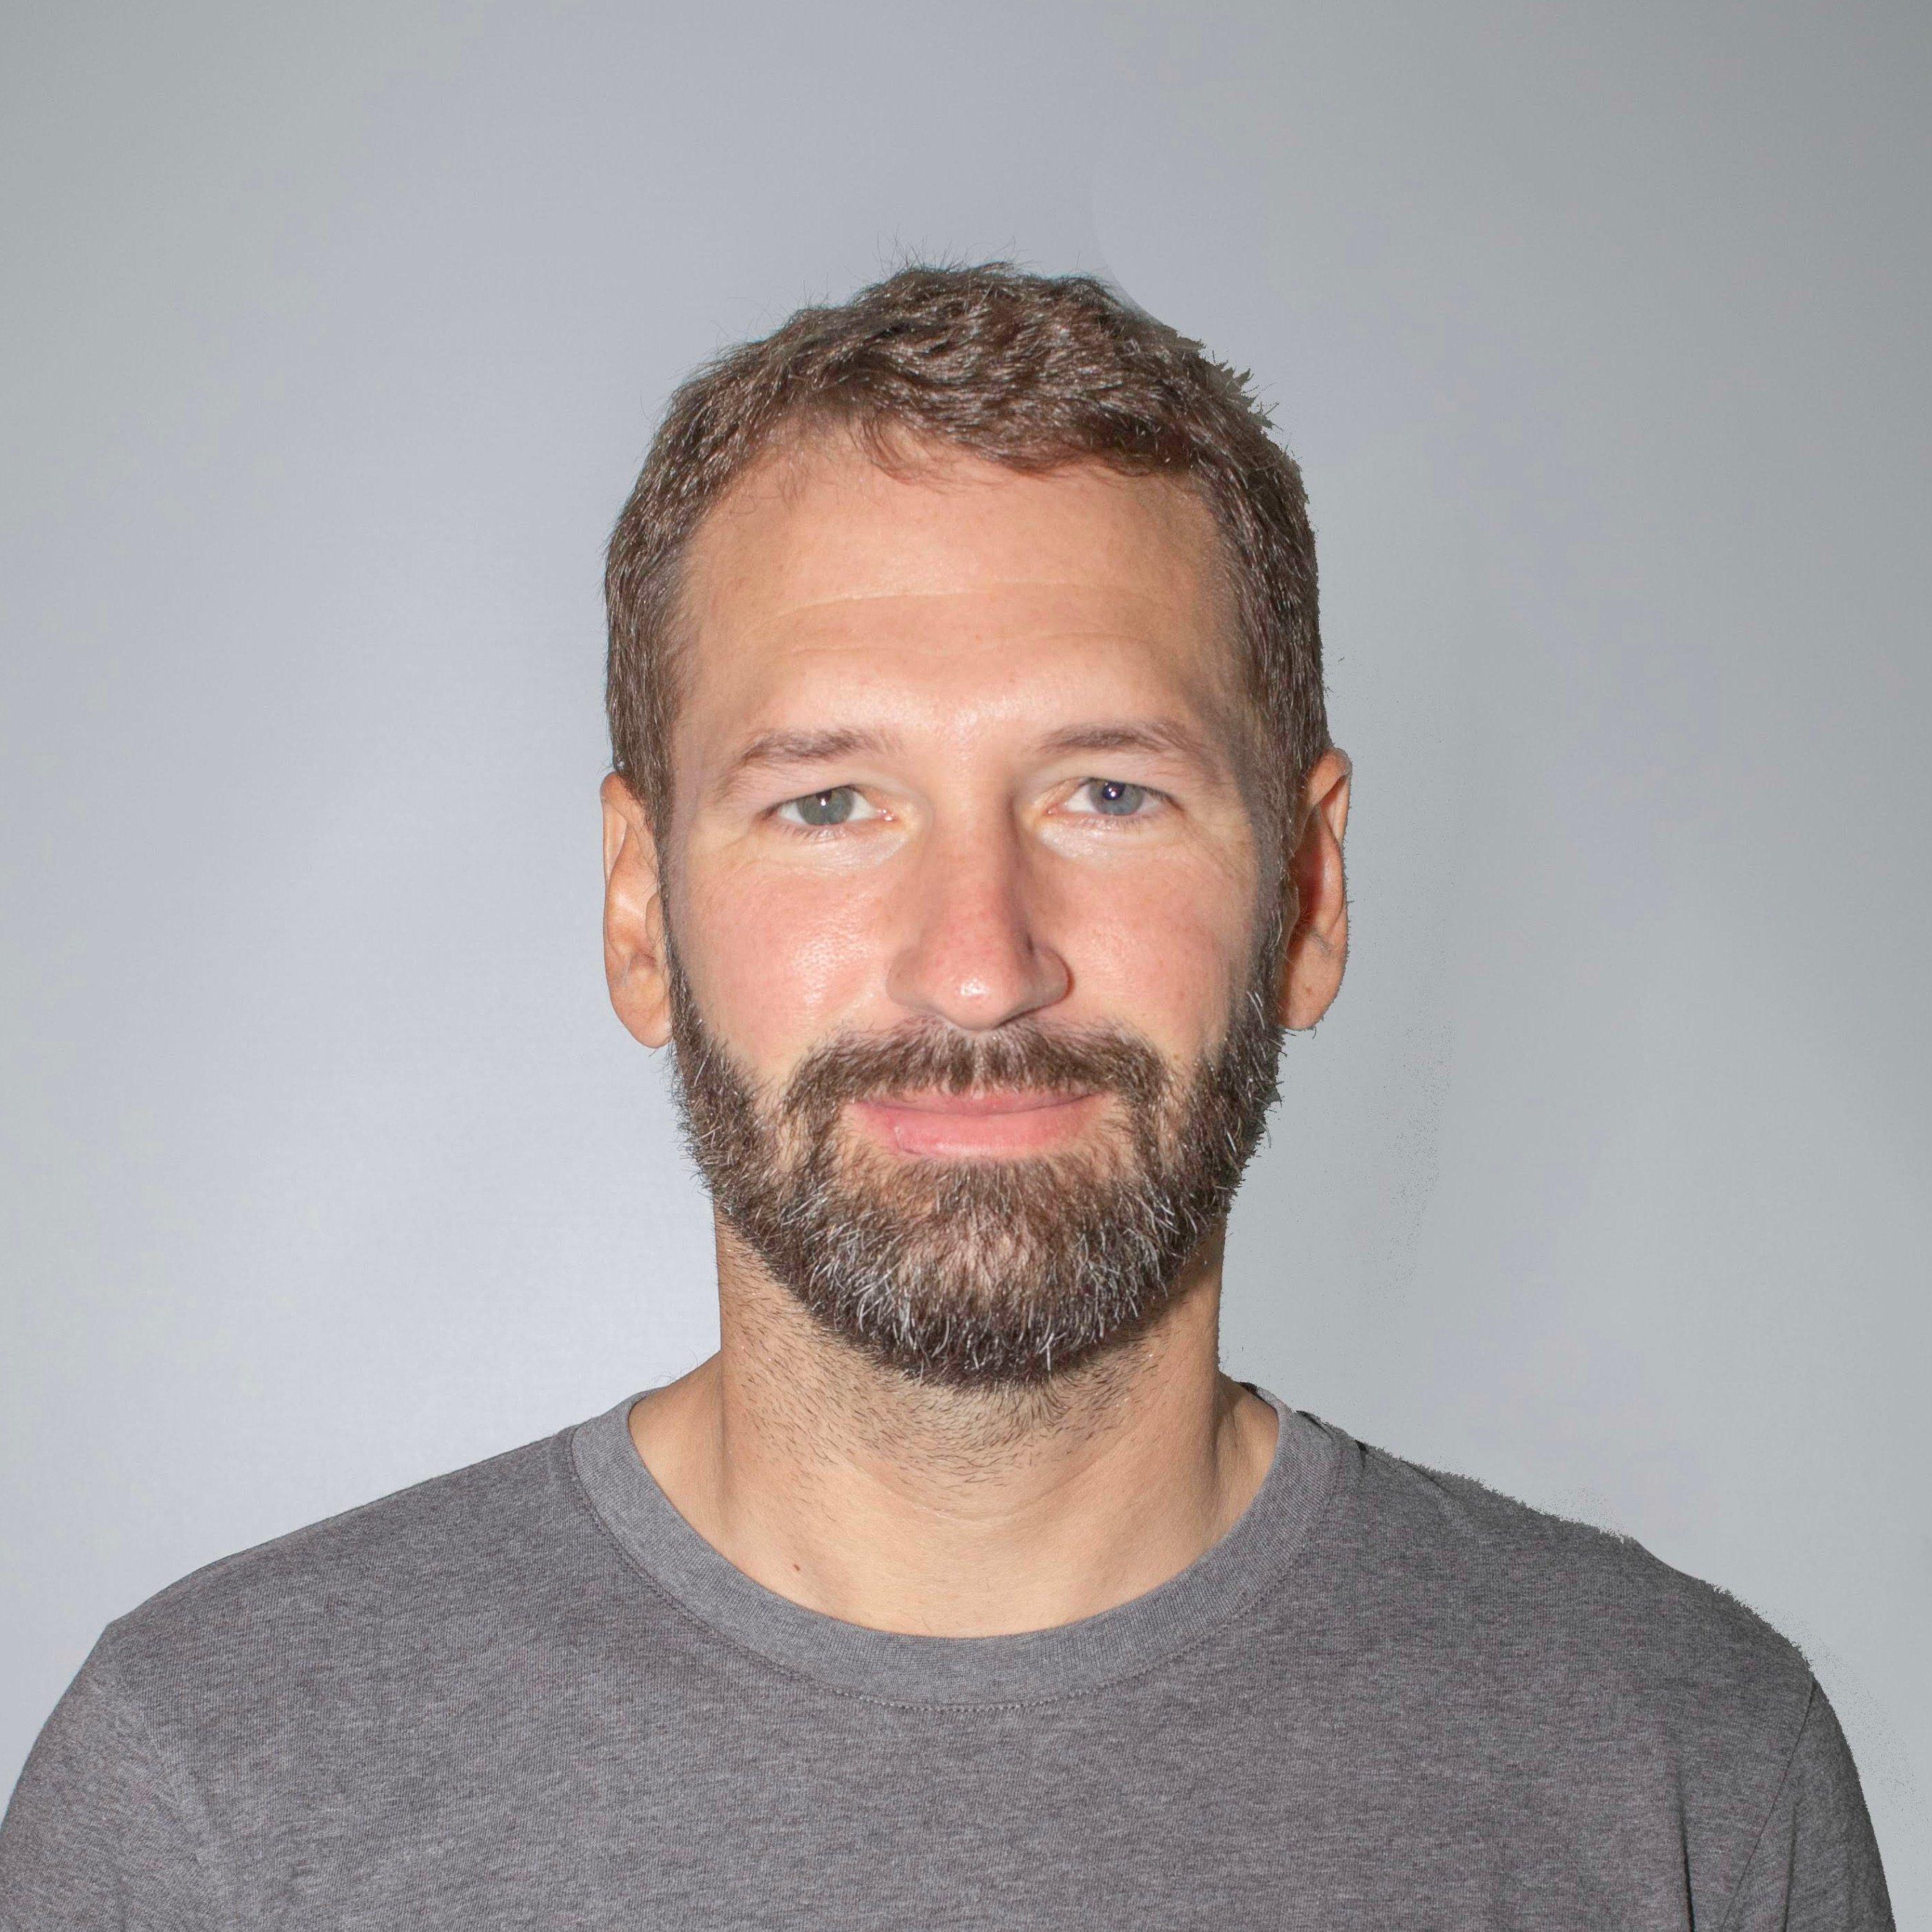 Dirk Schuler